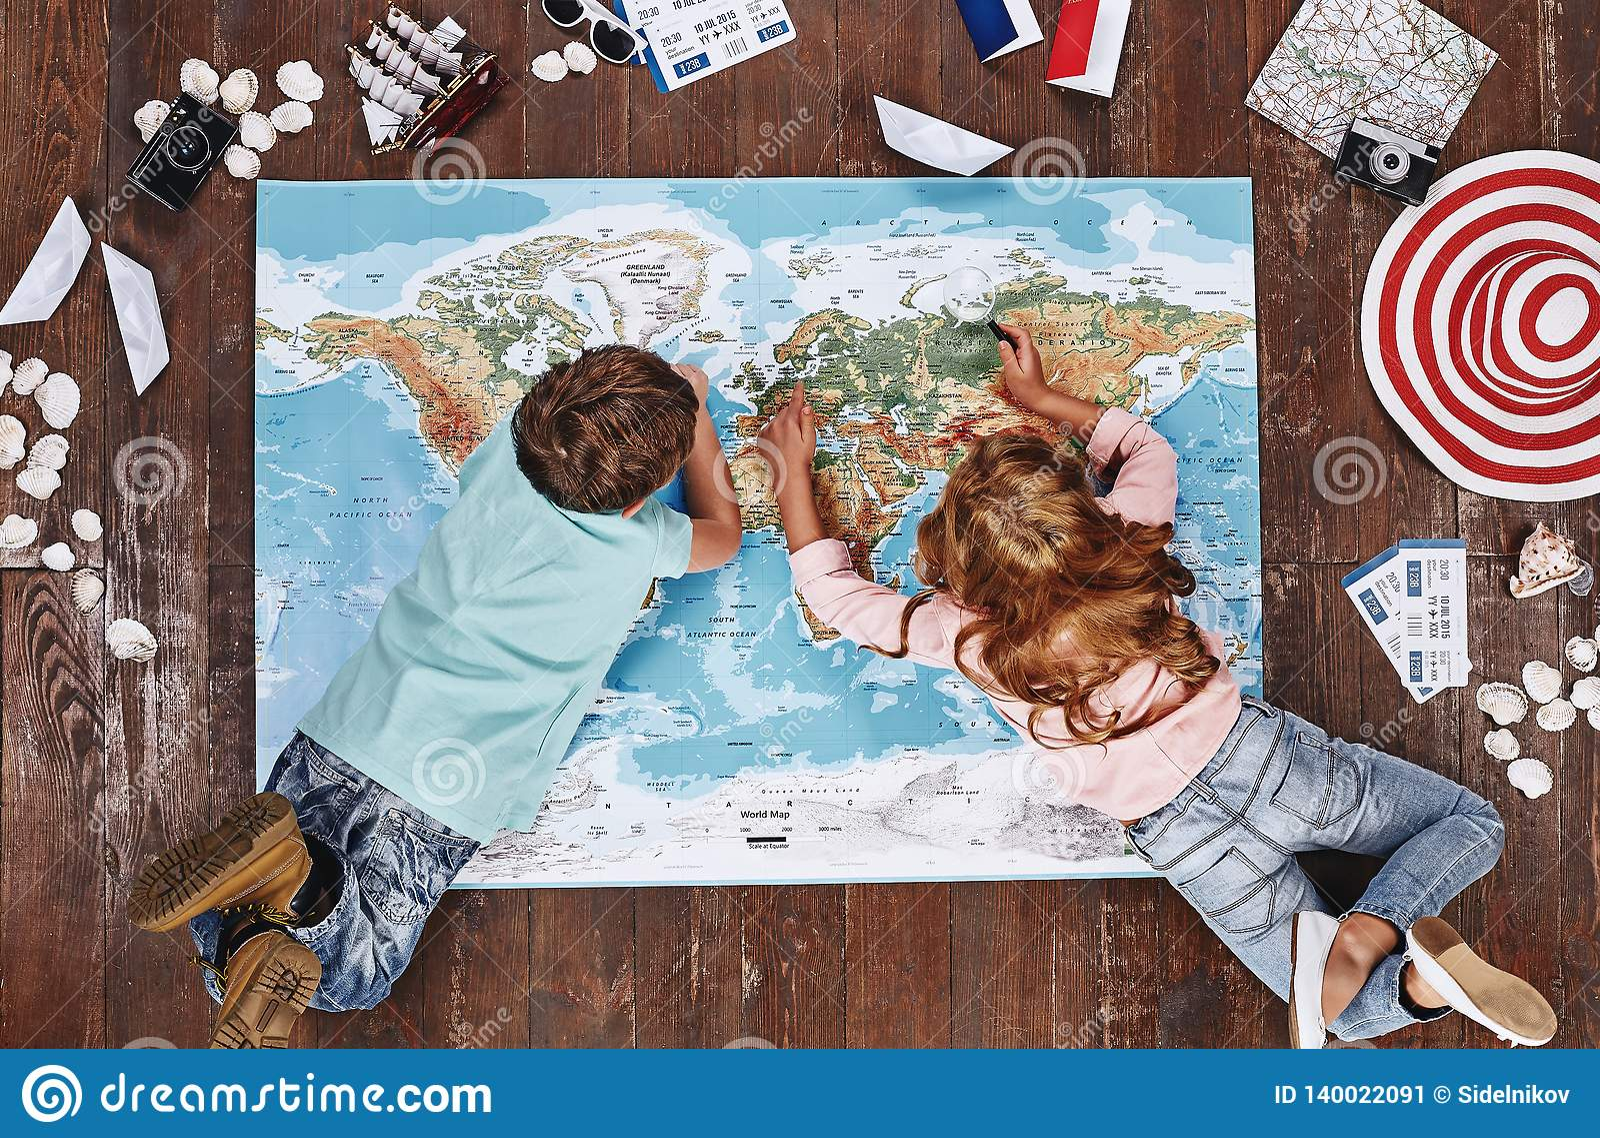 Onde você gostaria de visitar as crianças que olham o mapa do mundo, ao se encontrar nele, perto dos artigos do curso